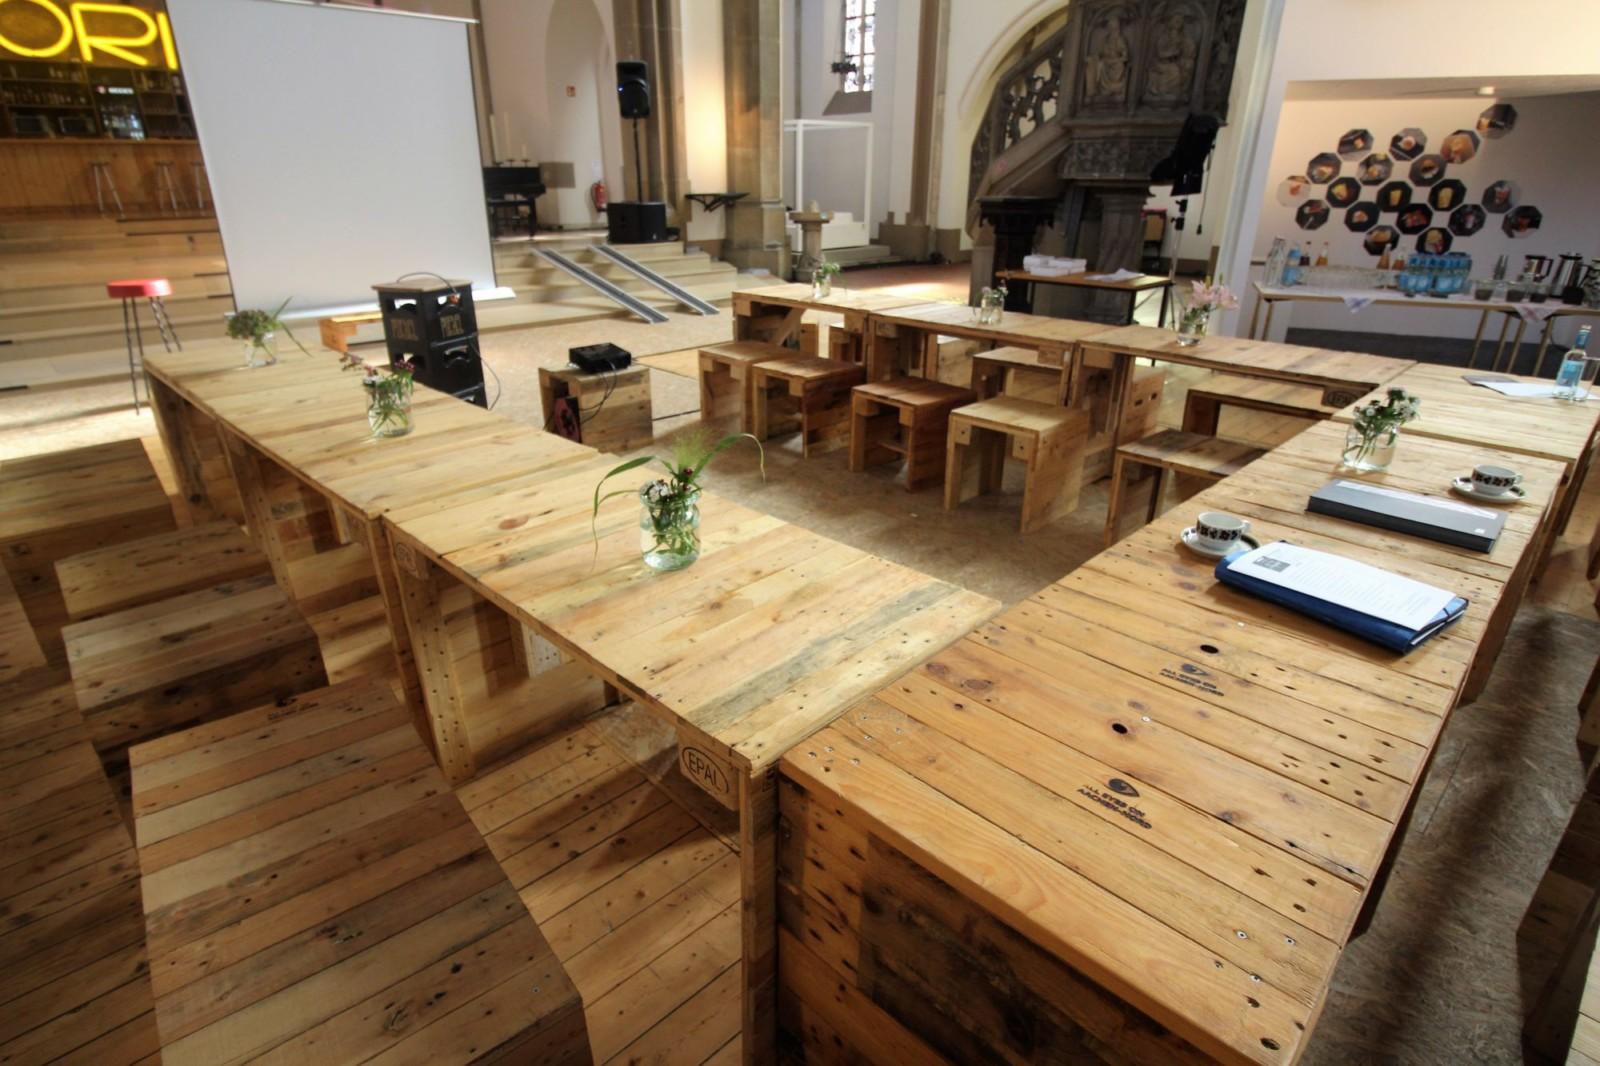 Tische und Bänke aus Paletten gebaut.